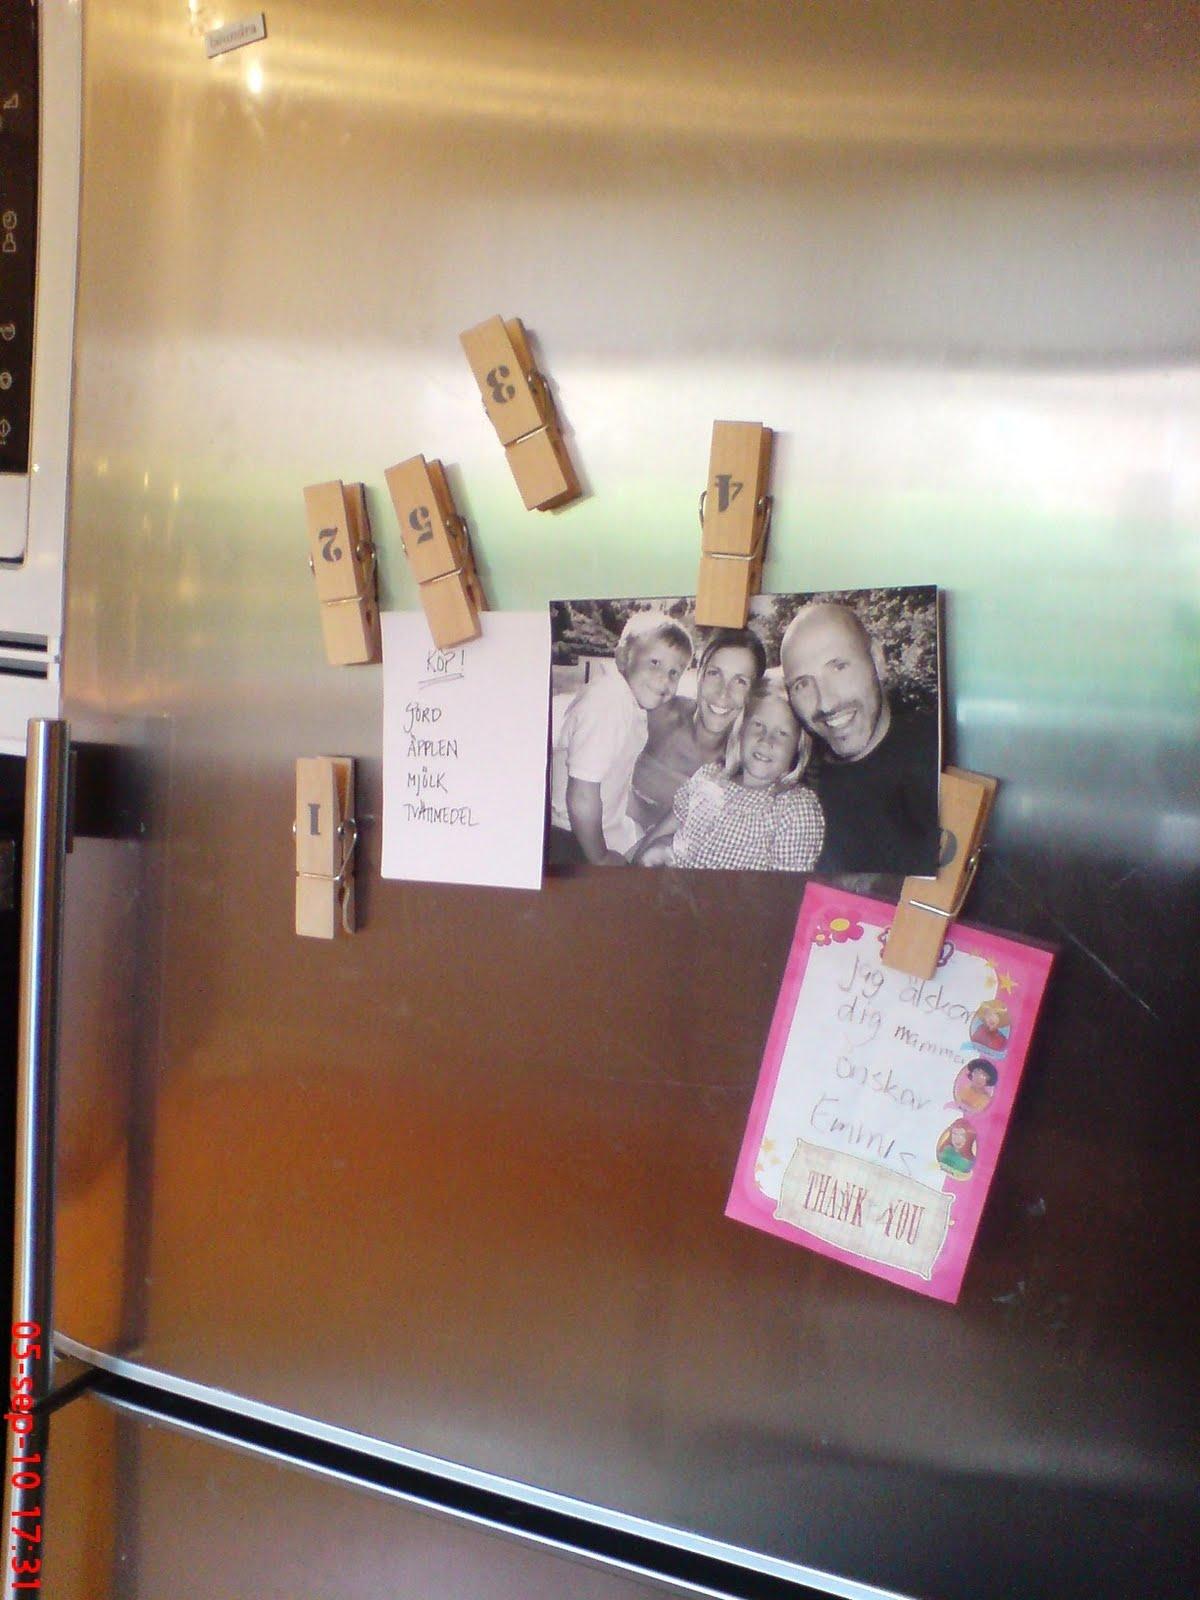 Två systrar, charlotte: kylskåpsmagneter?? okej då...